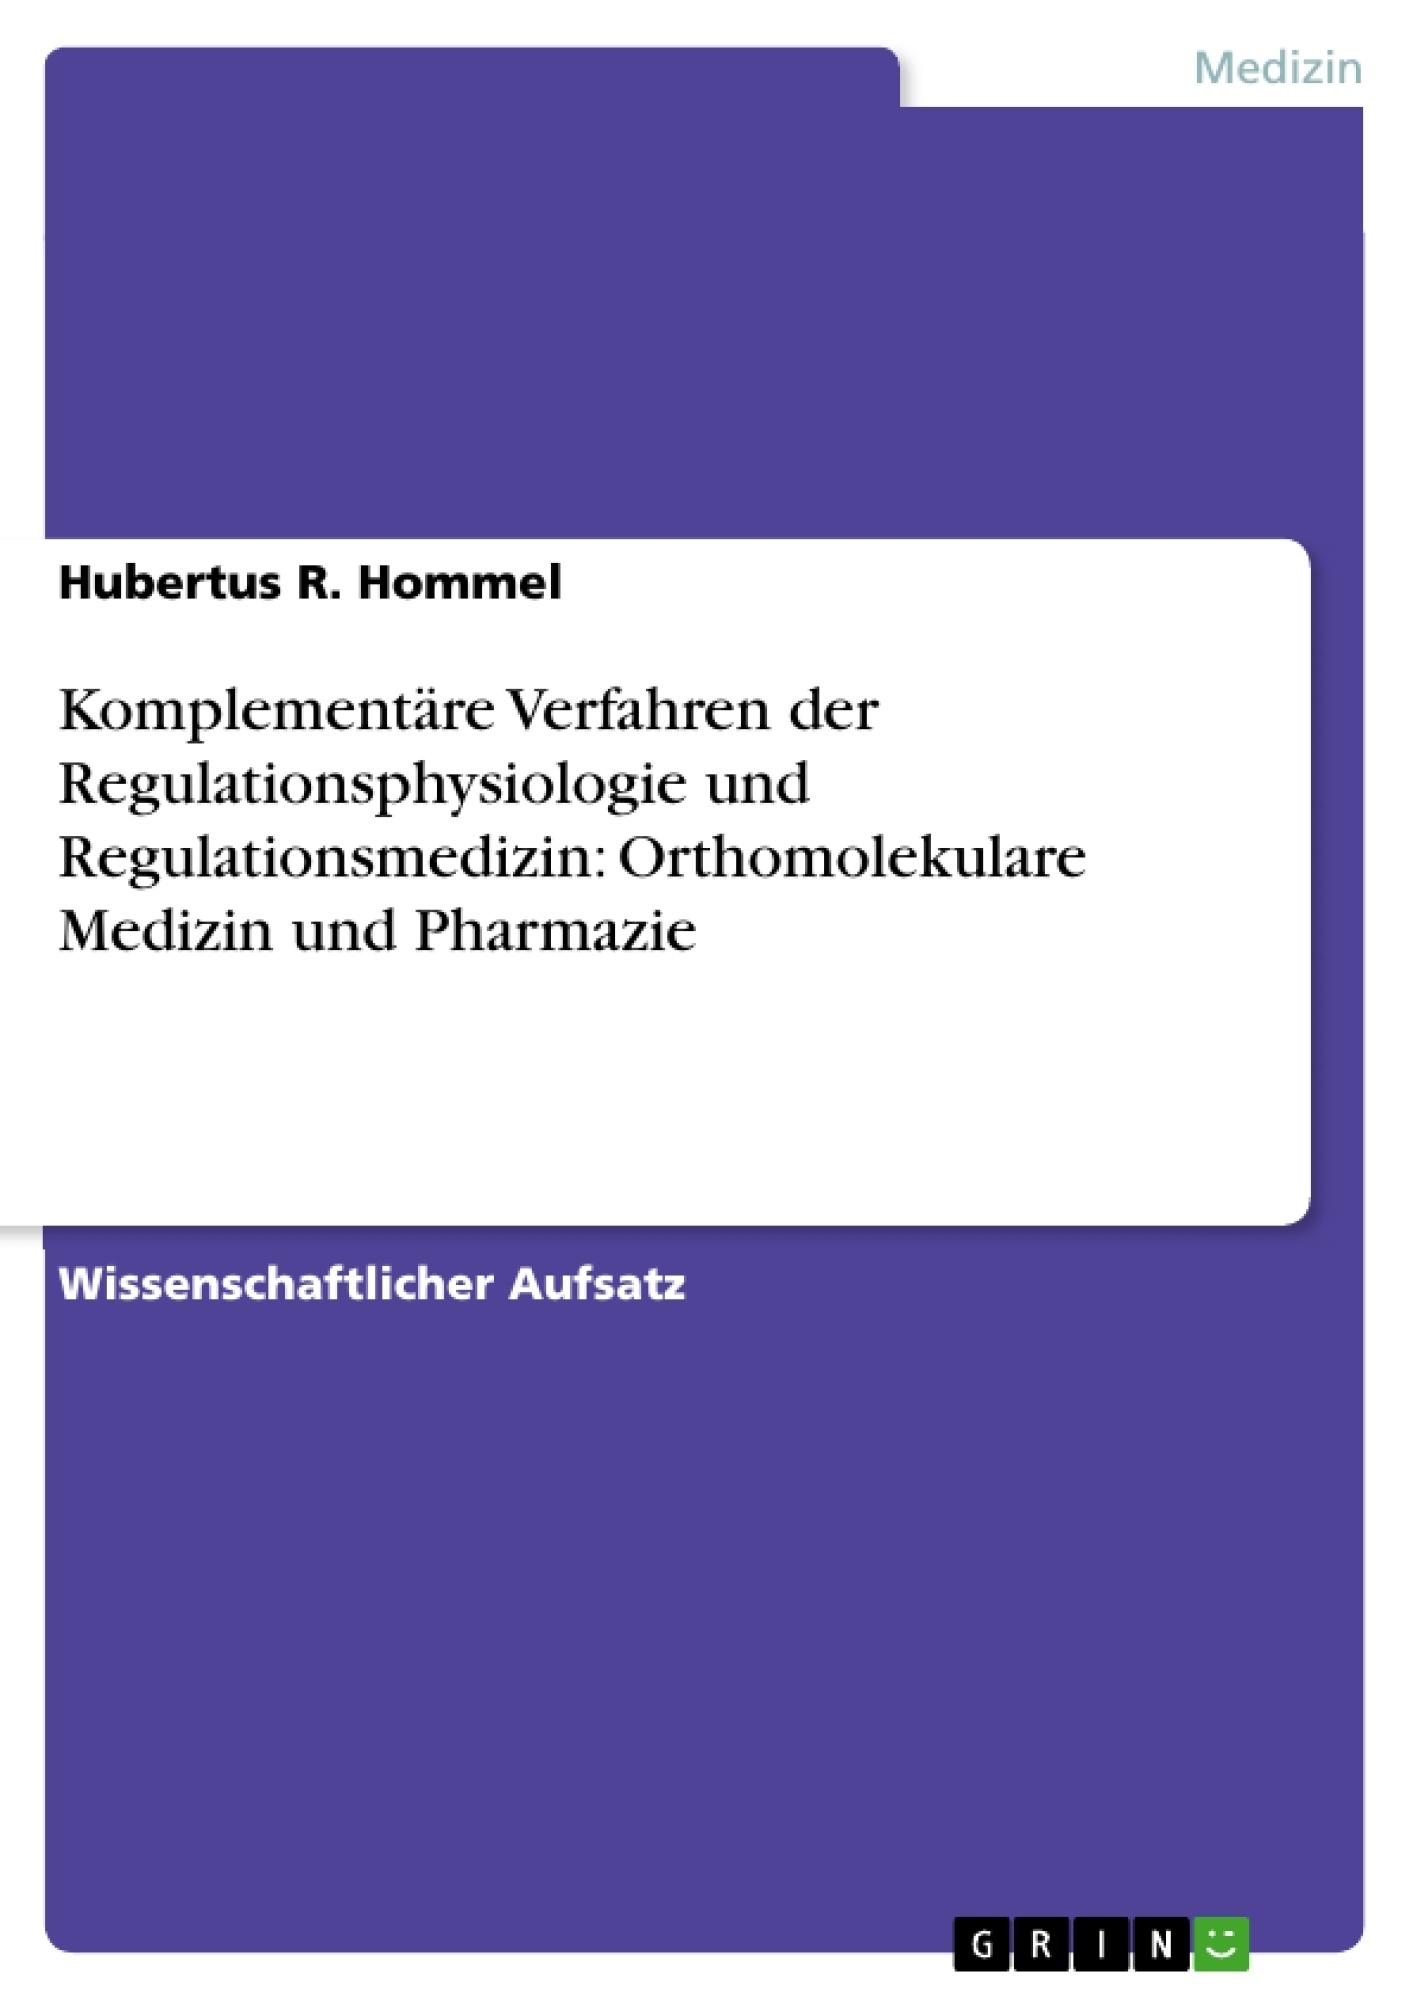 Titel: Komplementäre Verfahren der Regulationsphysiologie und Regulationsmedizin: Orthomolekulare Medizin und Pharmazie